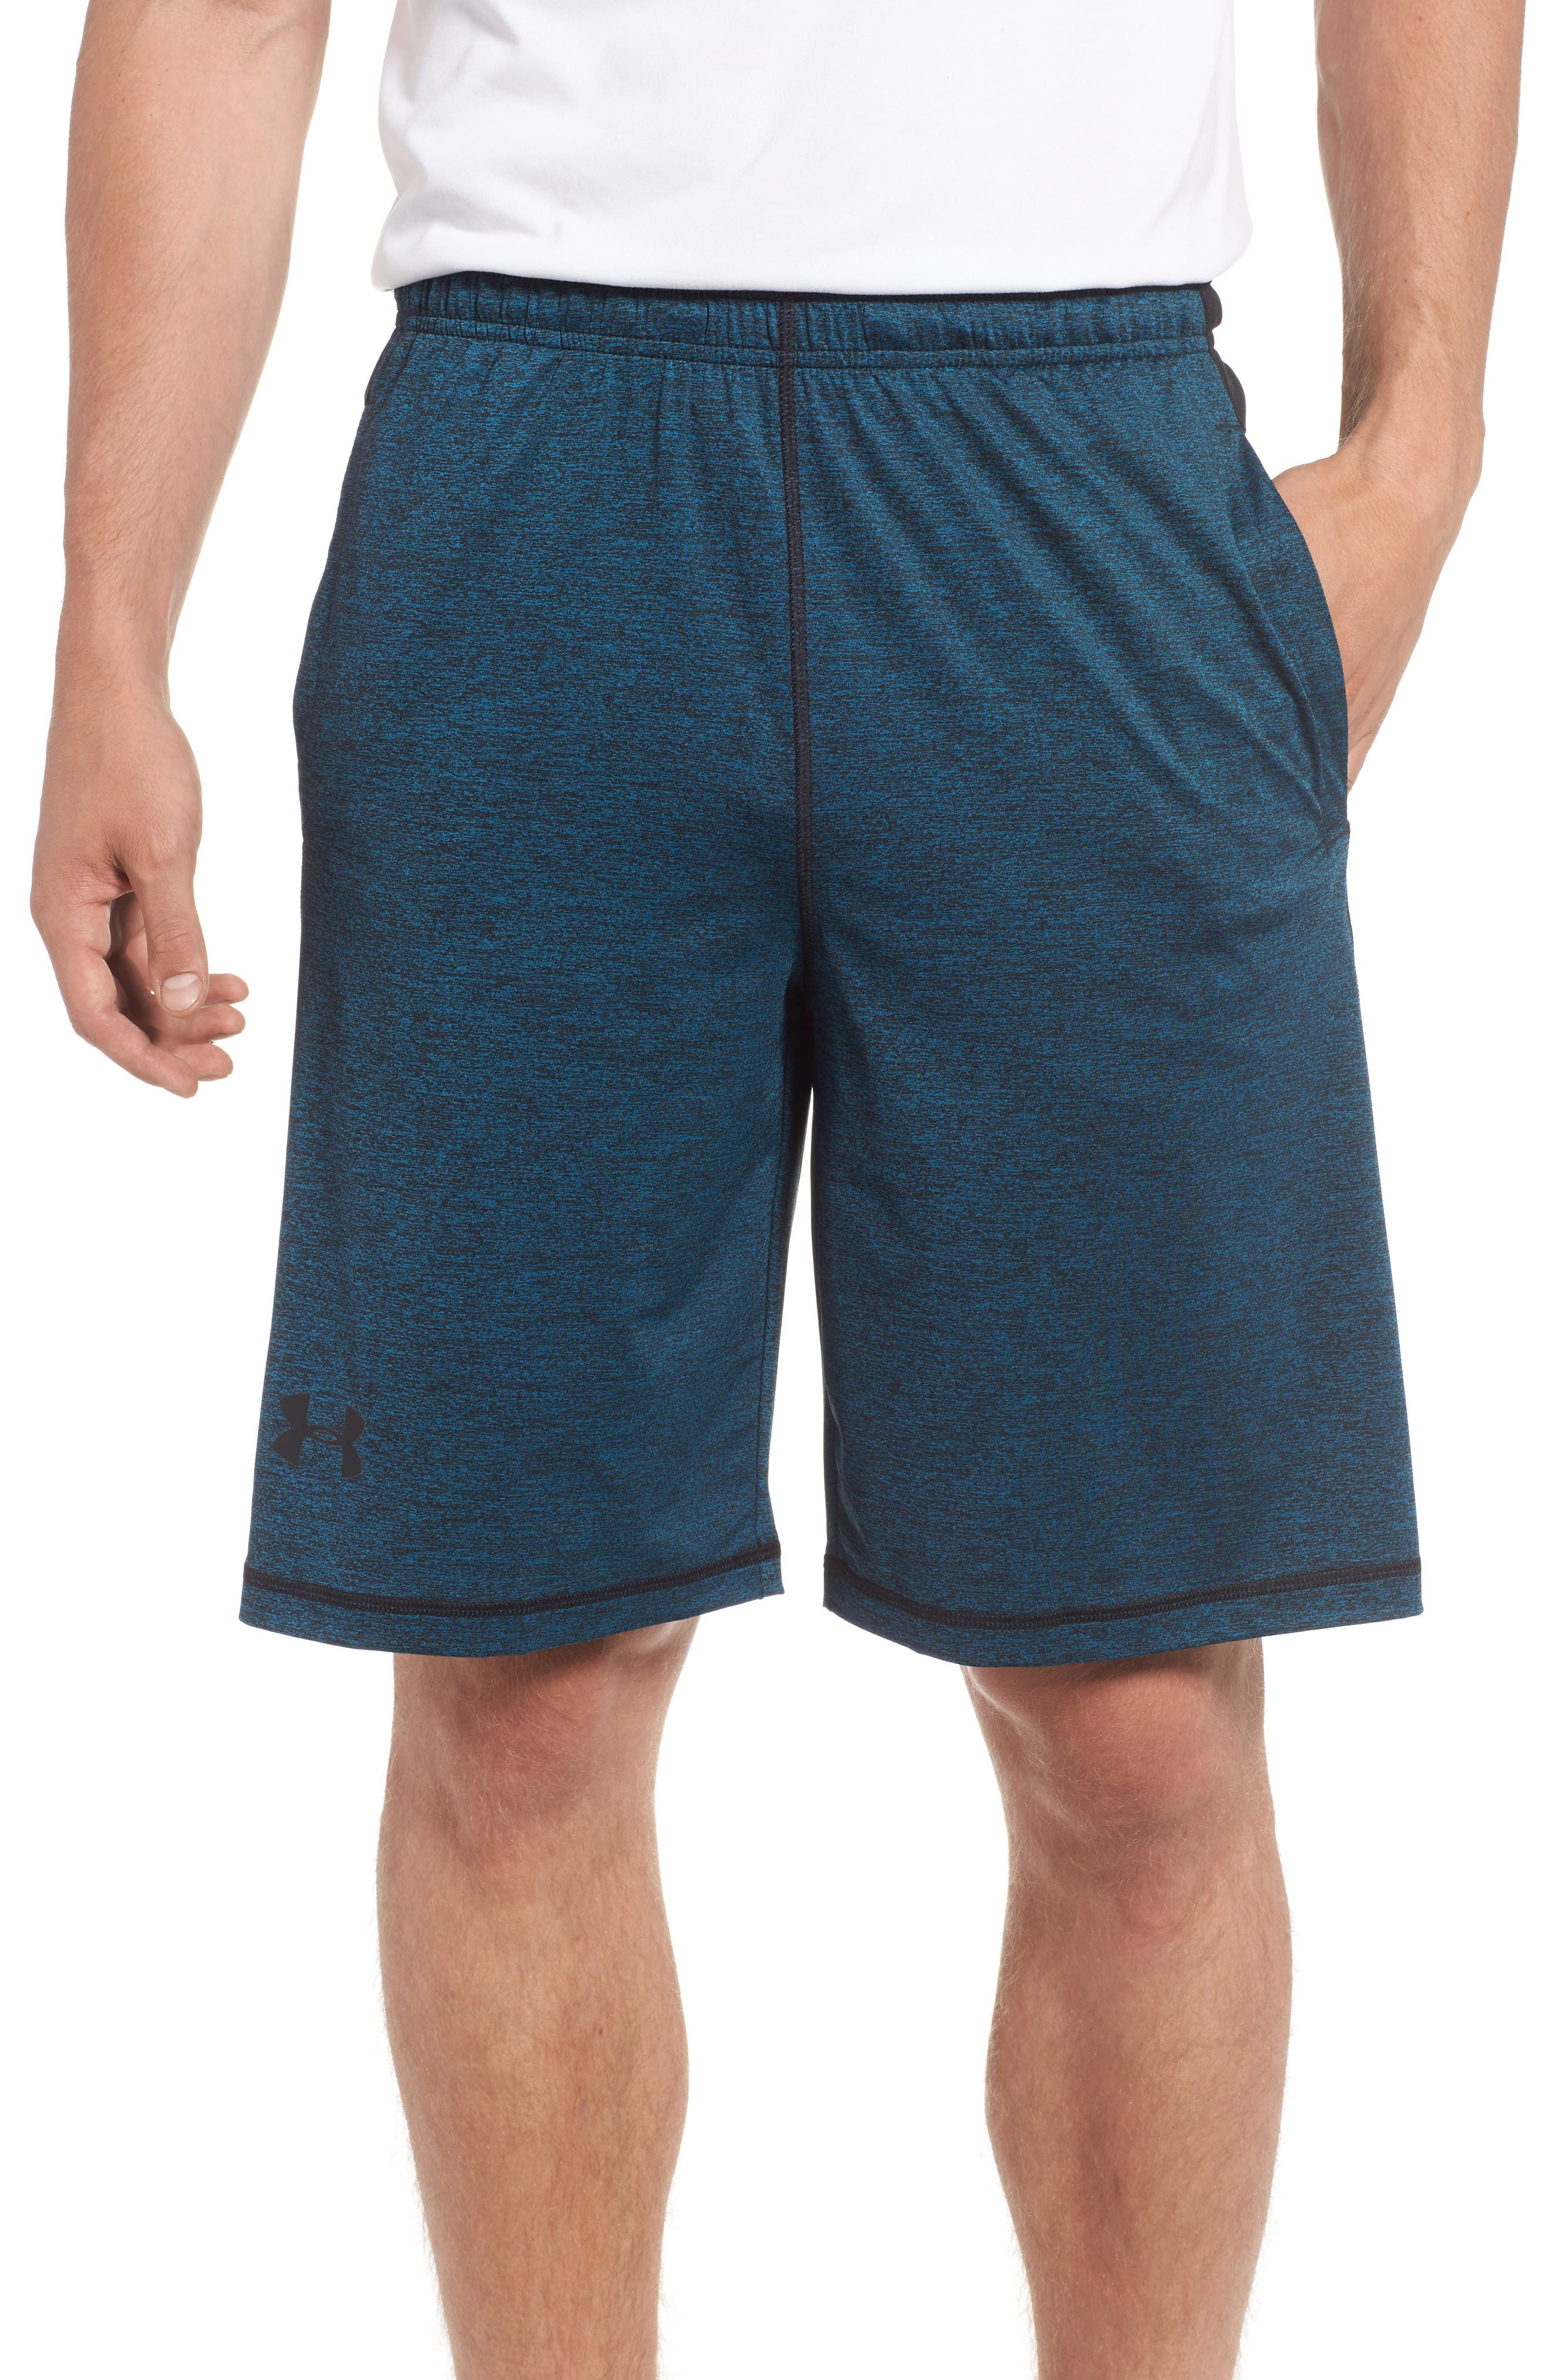 'Raid' HeatGear<sup>®</sup> Loose Fit Athletic Shorts,                             Main thumbnail 1, color,                             405